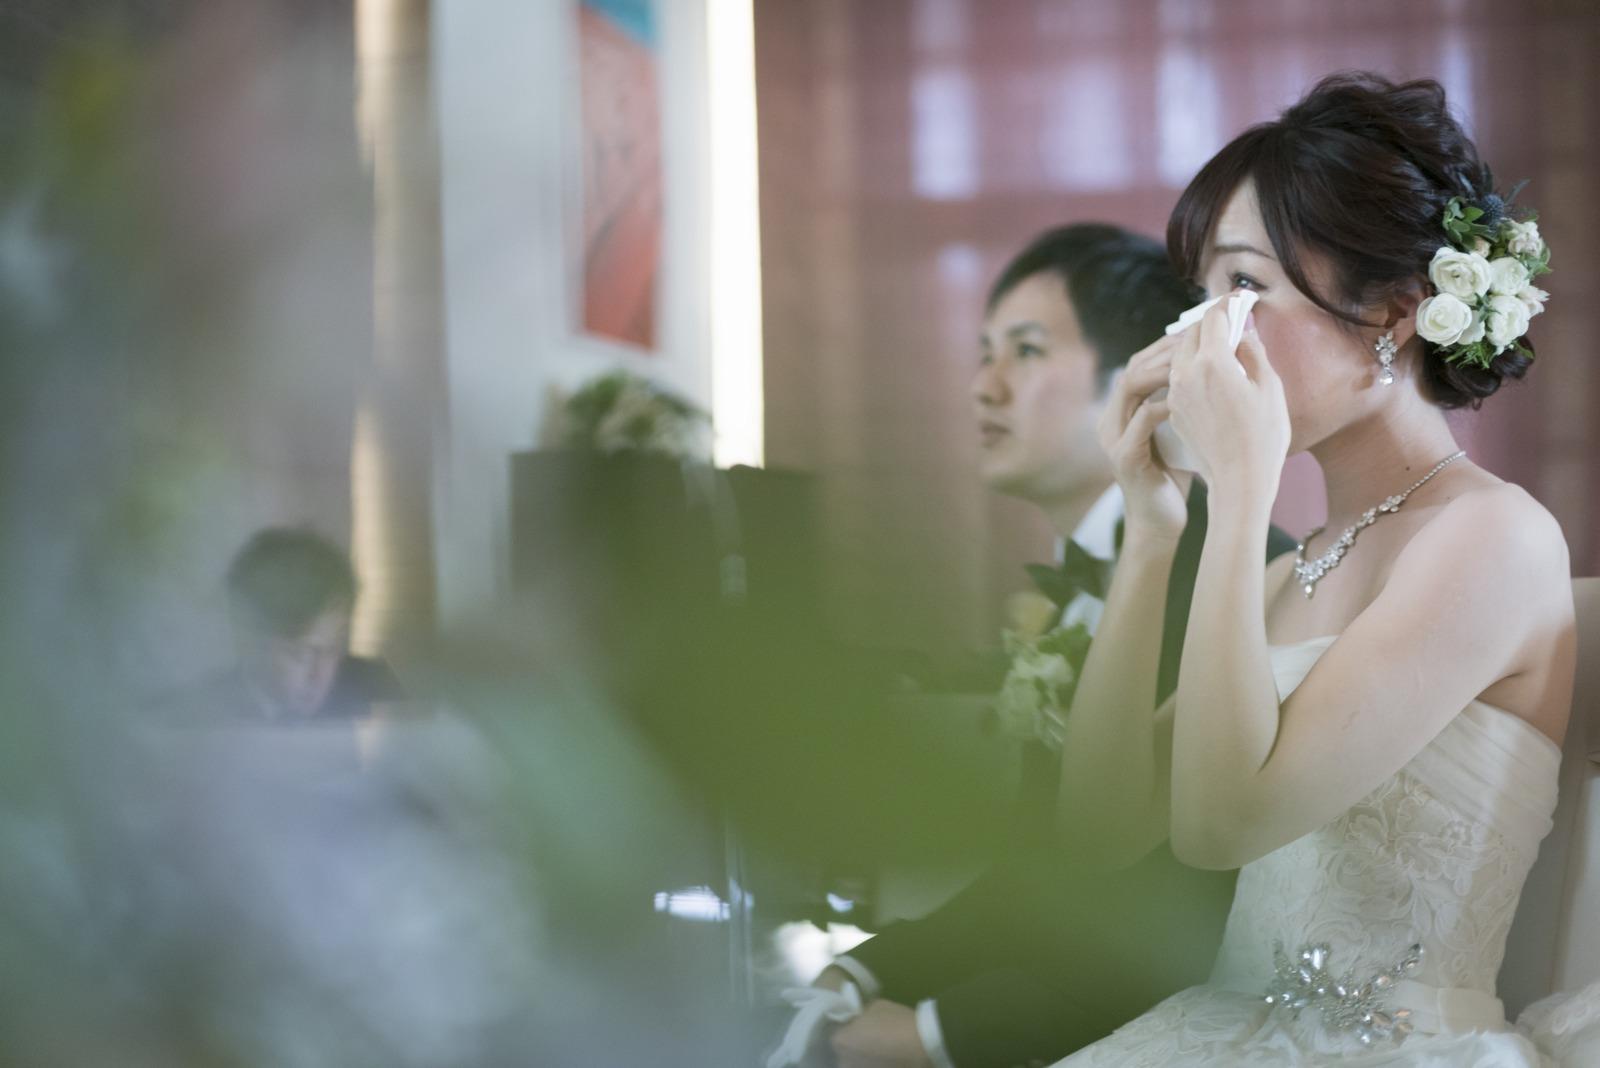 香川の結婚式場シェルエメール&アイスタイル DVD